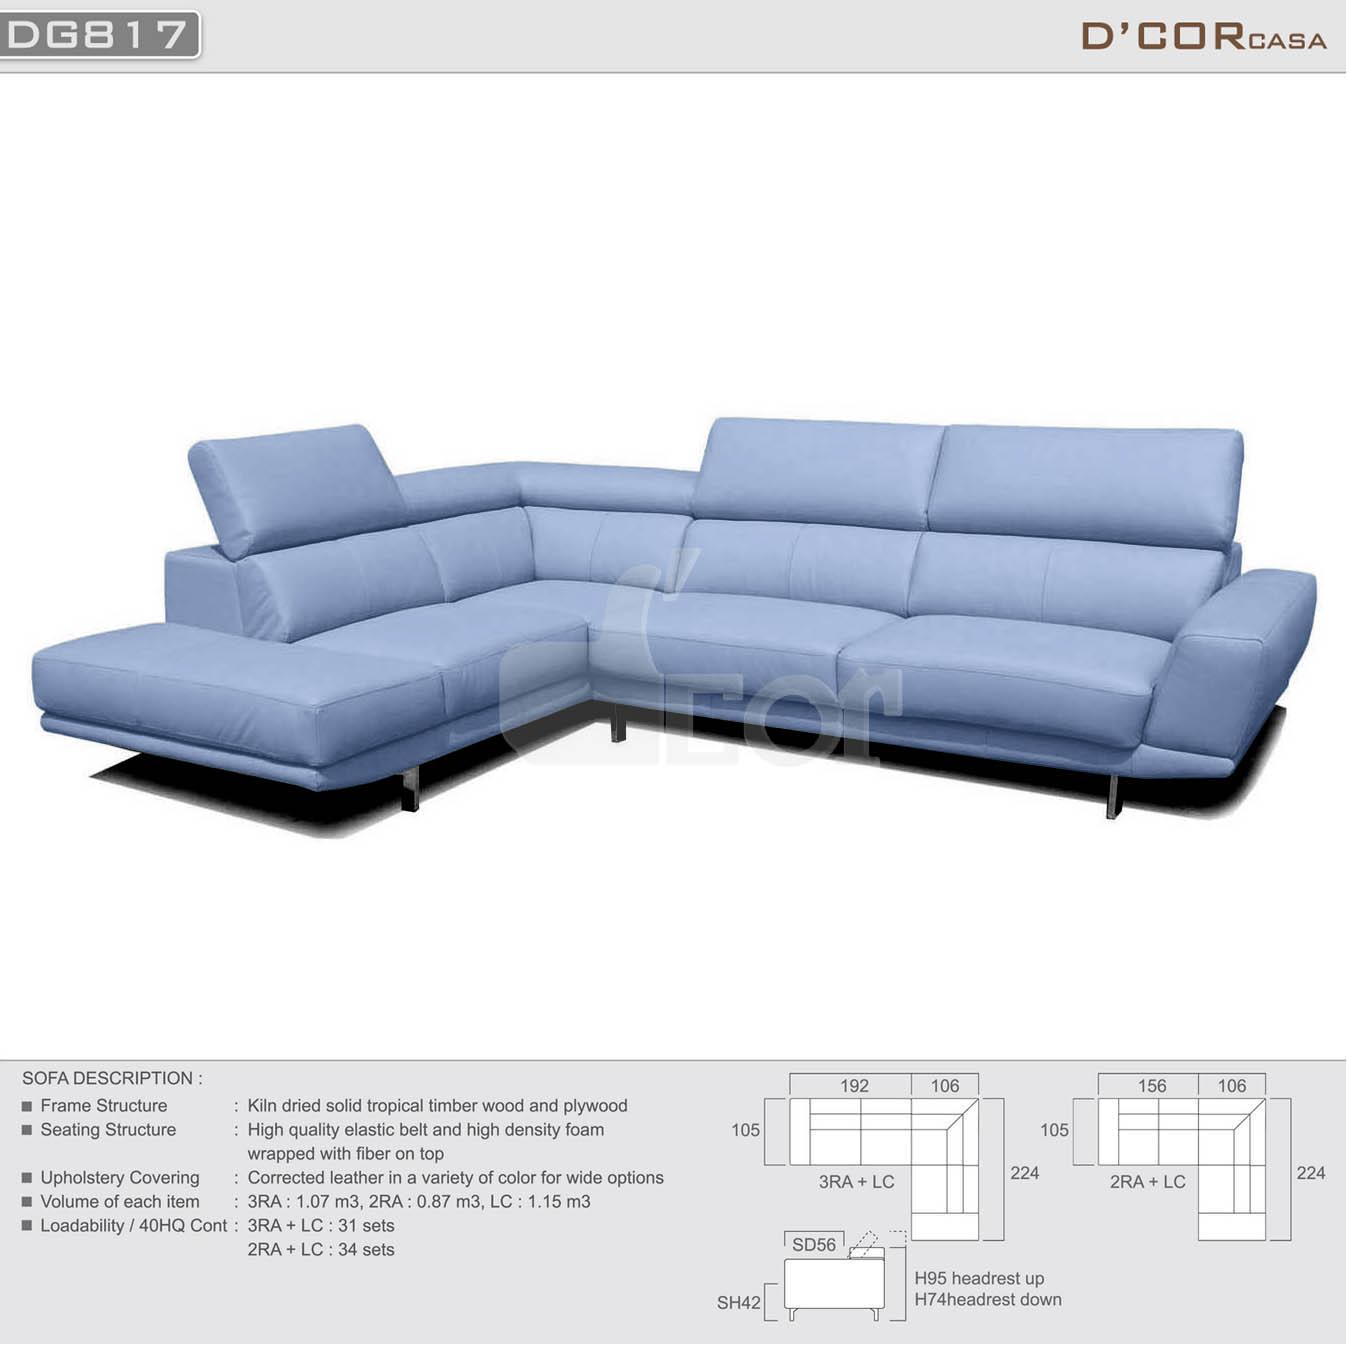 Phòng khách đơn giản, hiện đại với sofa da nhập khẩu Malaysia DG817